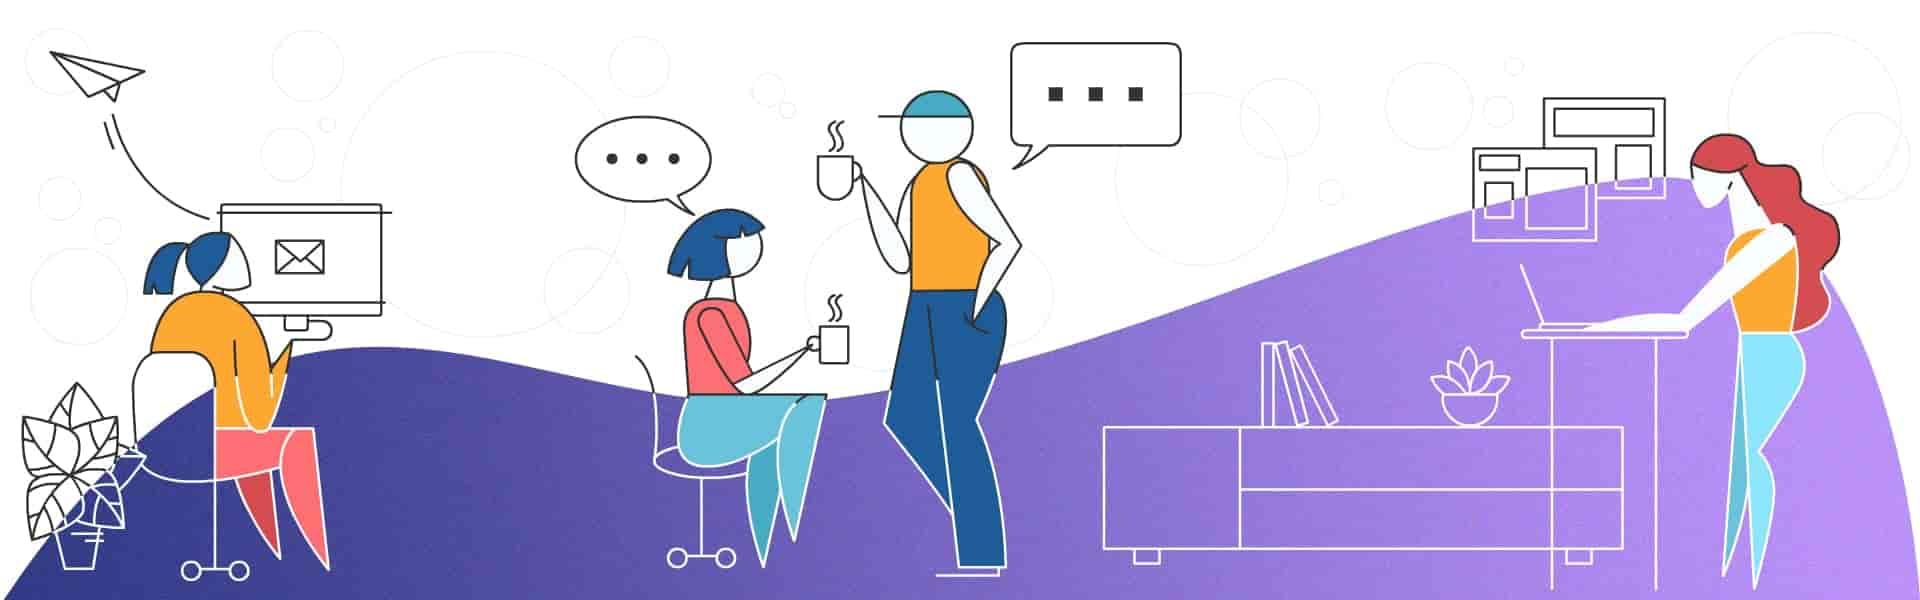 Tudo sobre comunicação interna: Definição, Importância, Aplicação.